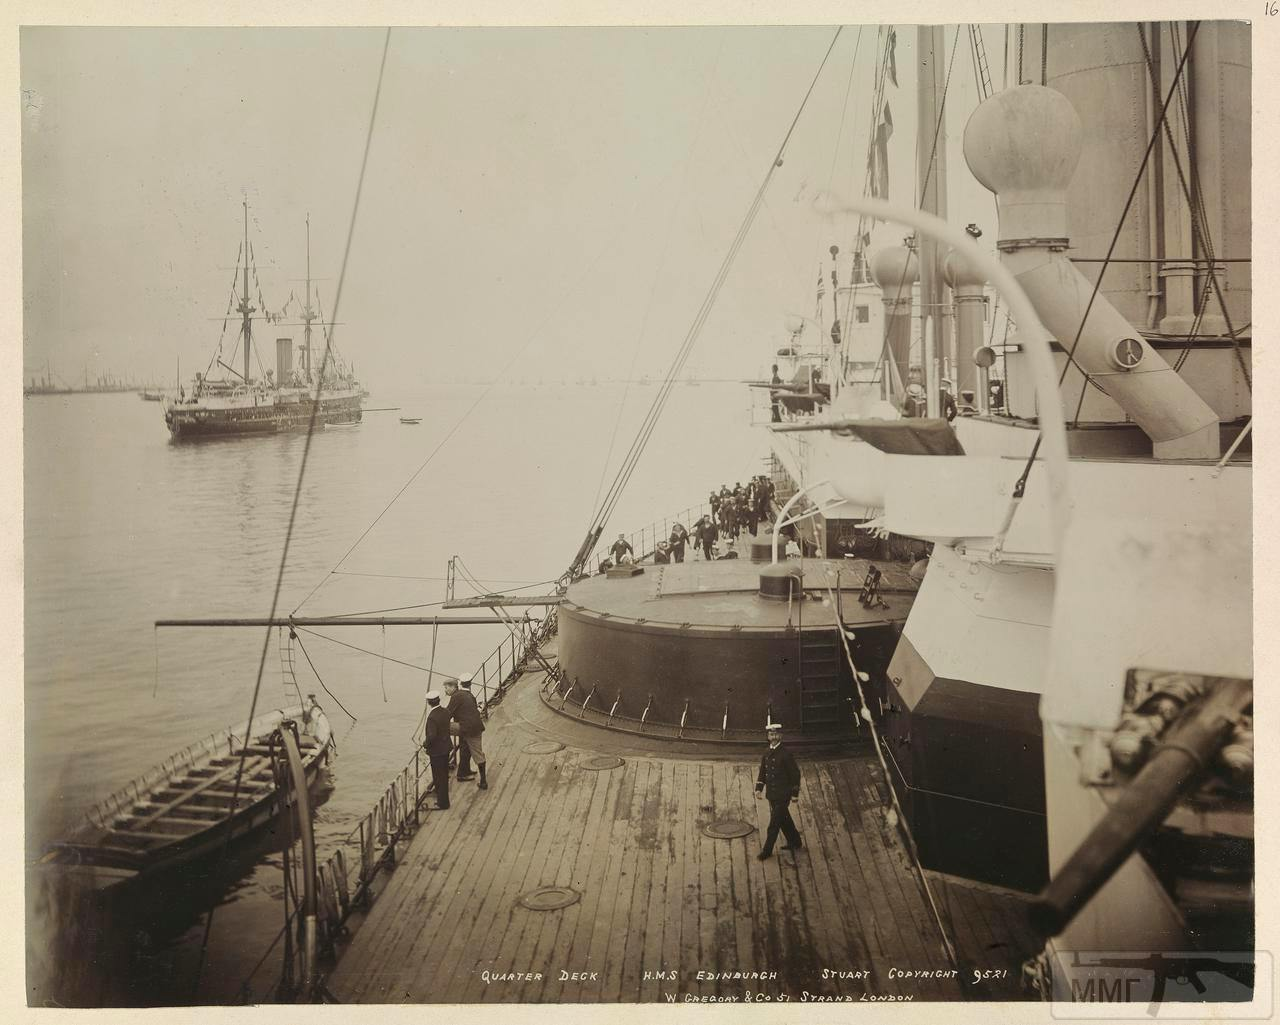 79068 - HMS Edinburch